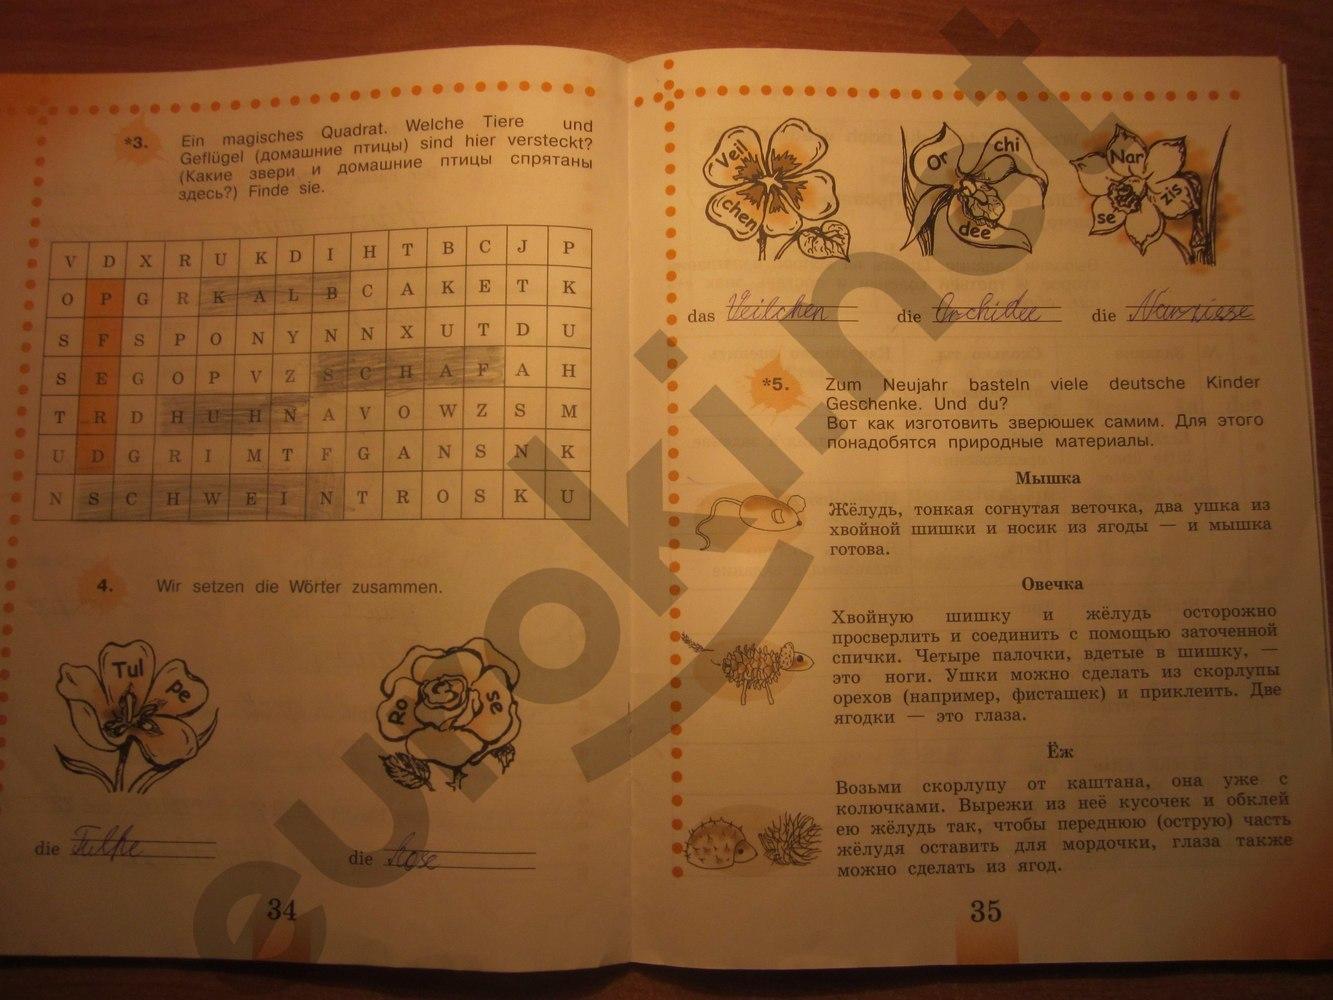 ГДЗ по немецкому языку 4 класс рабочая тетрадь Бим И.Л., Рыжова Л.И. Часть 1. Задание: стр. 34-35